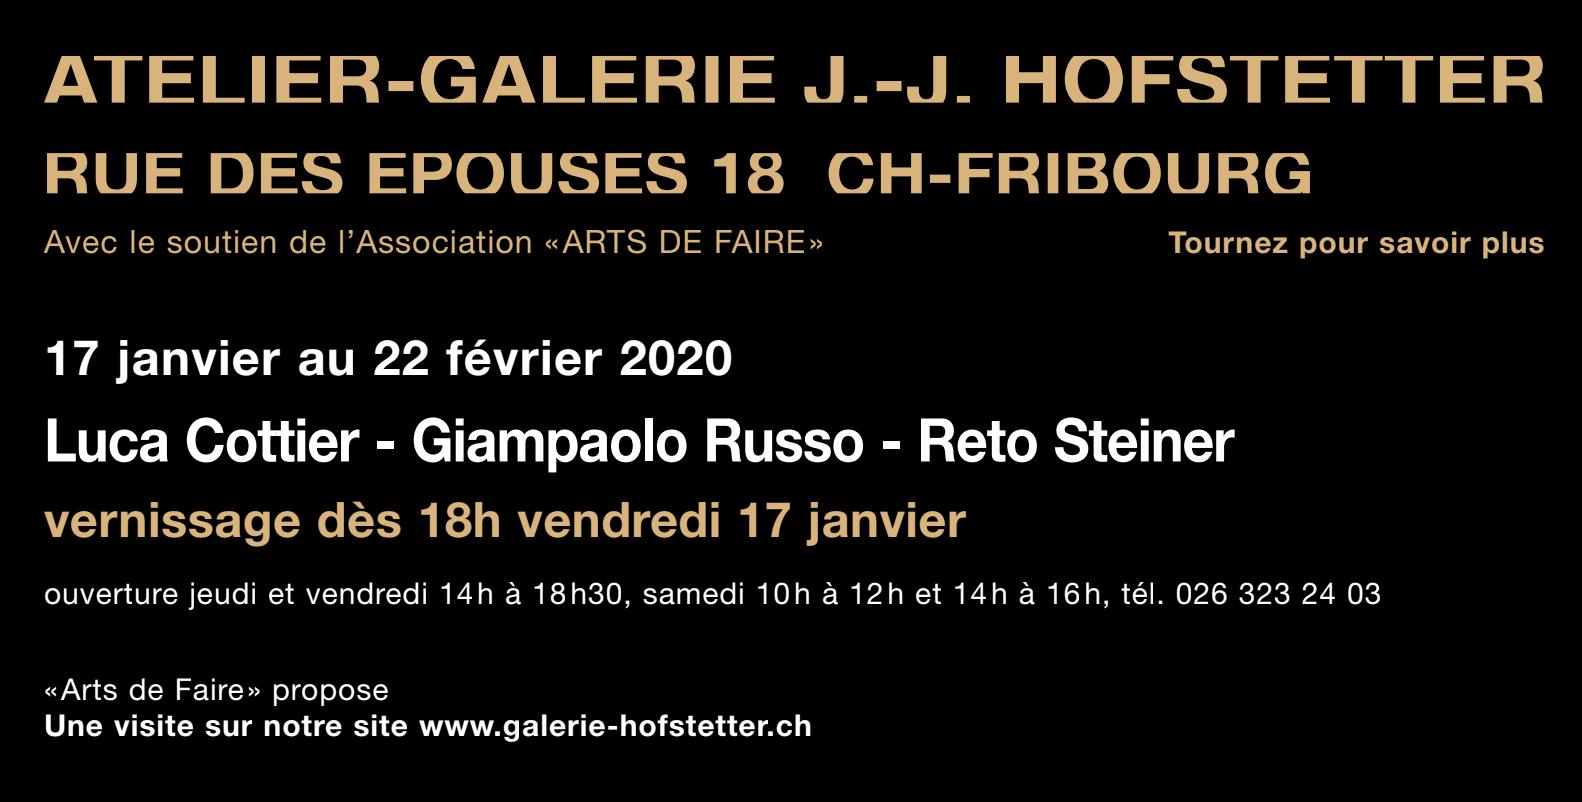 Atelier-Galerie J.-J. Hofstetter